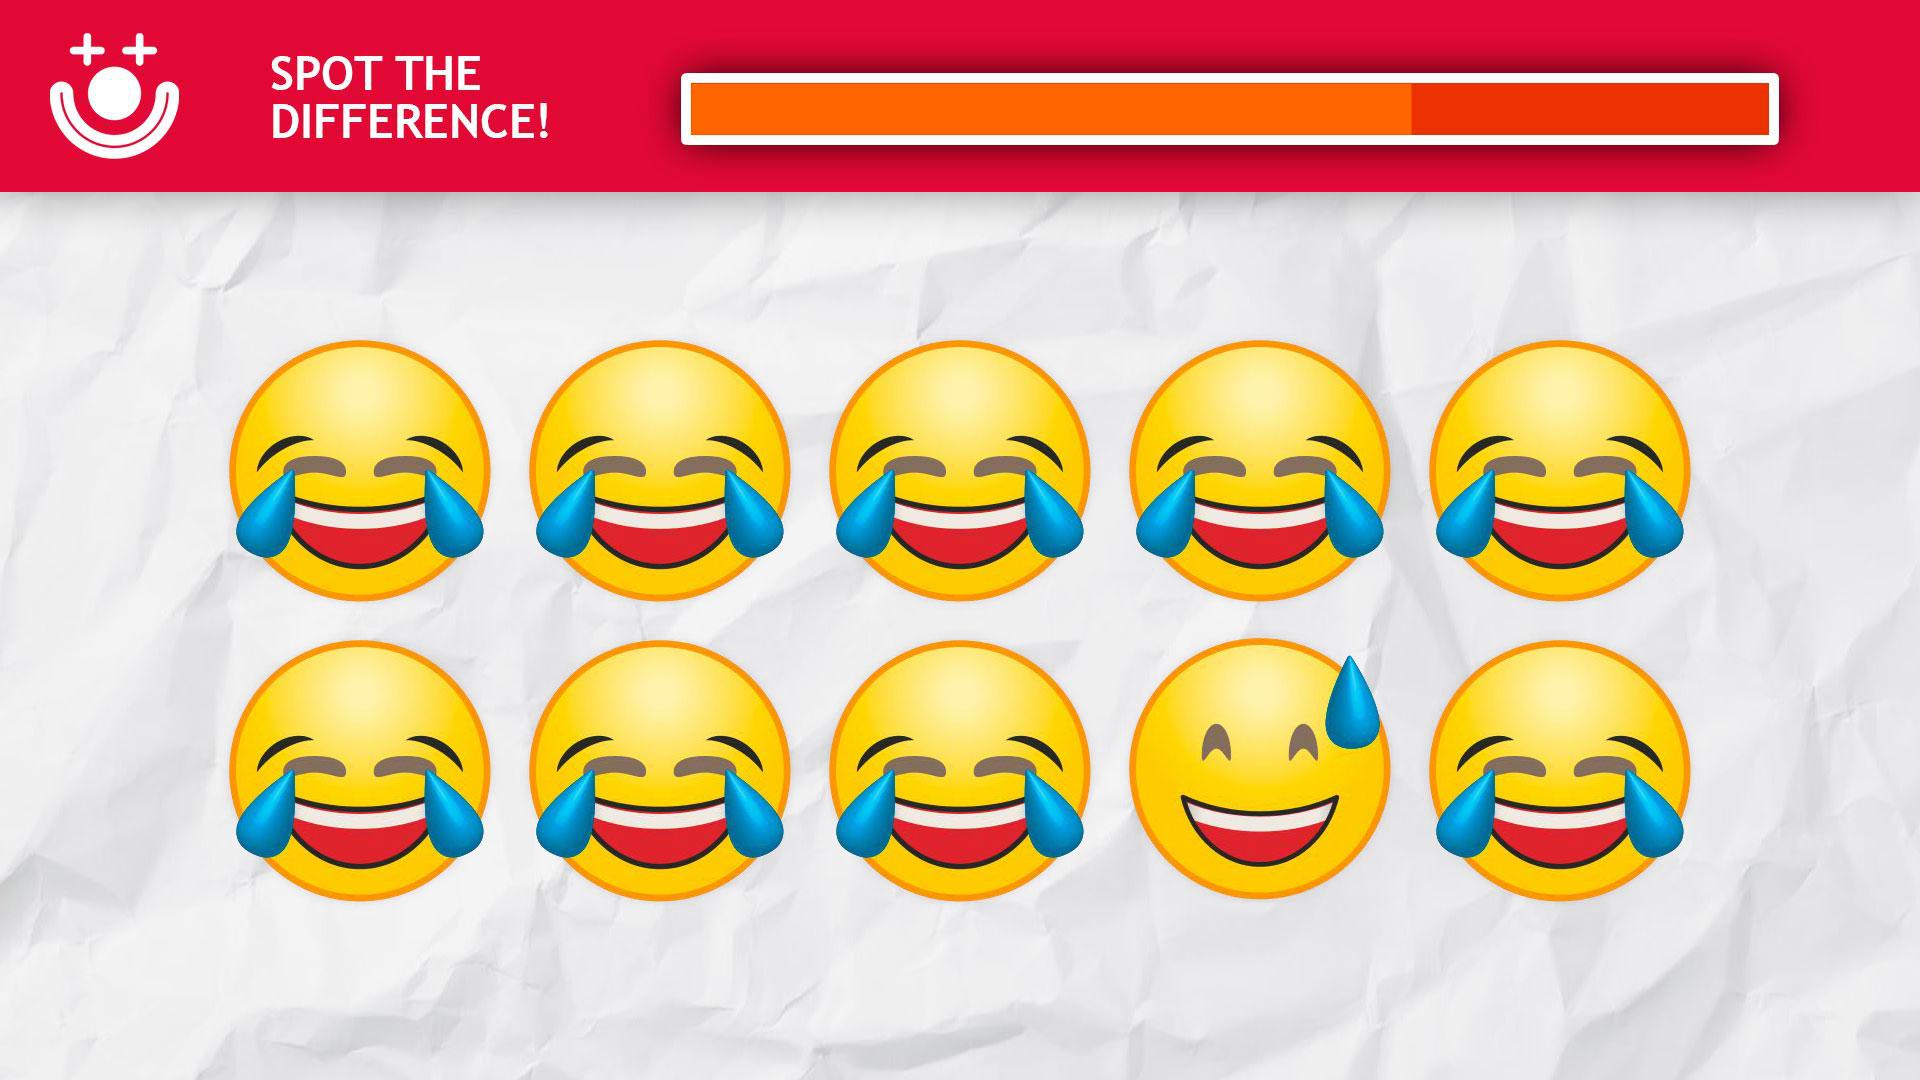 🔎 Encuentra el EMOJI DIFERENTE FÁCIL - ¿Podrás localizar el emoji distinto?